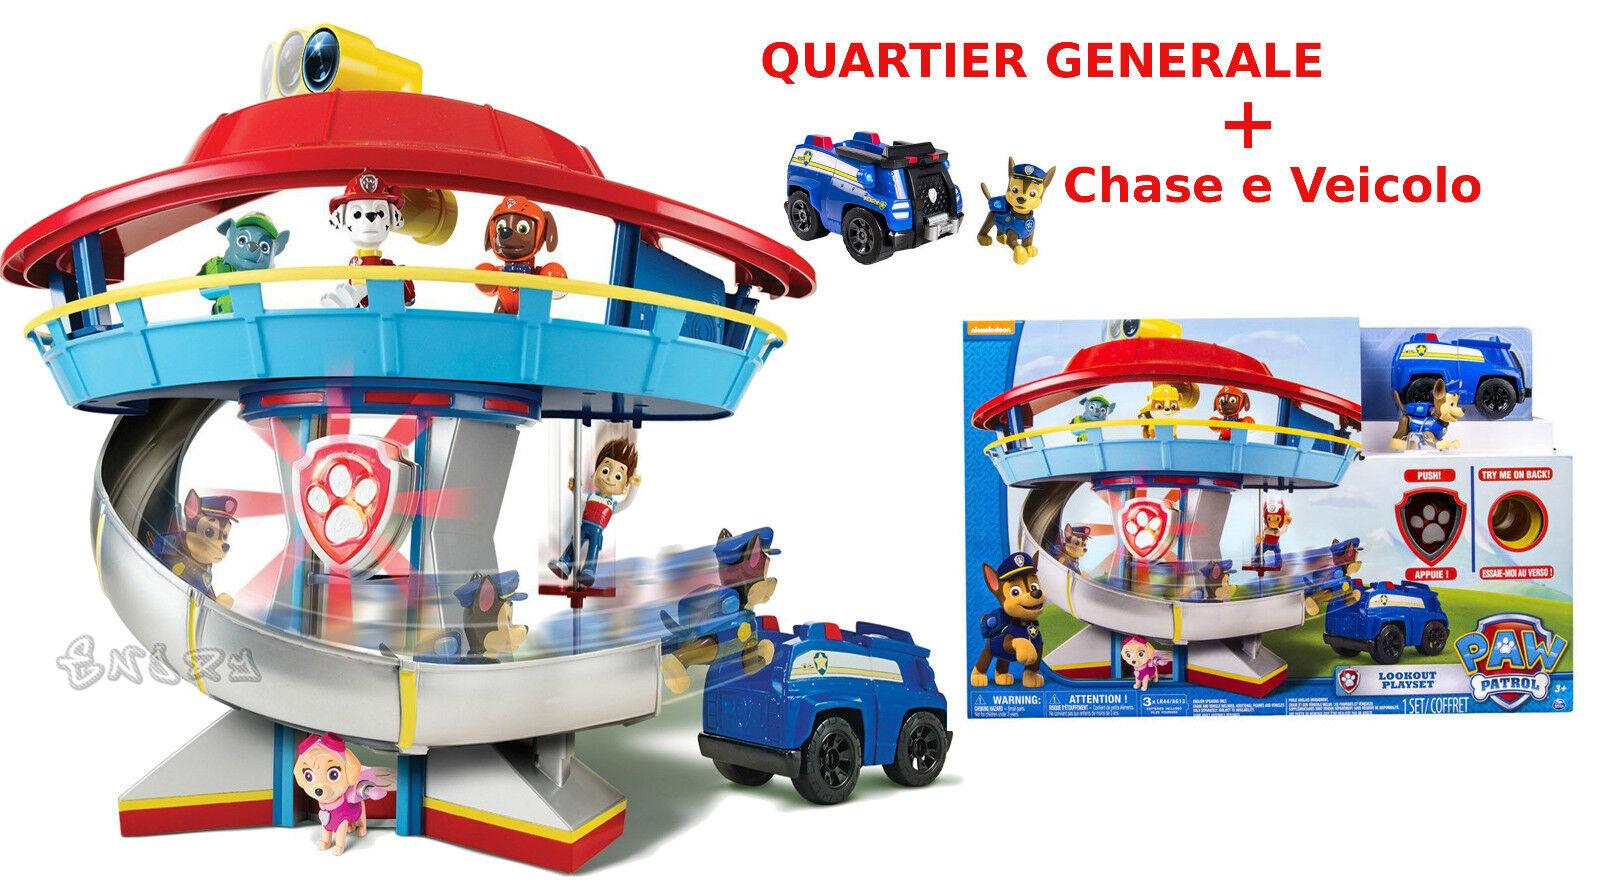 Quarcravater Général Paw  Patrol Base + Chase et Véhicule Nouveauté 2016 Original  point de vente